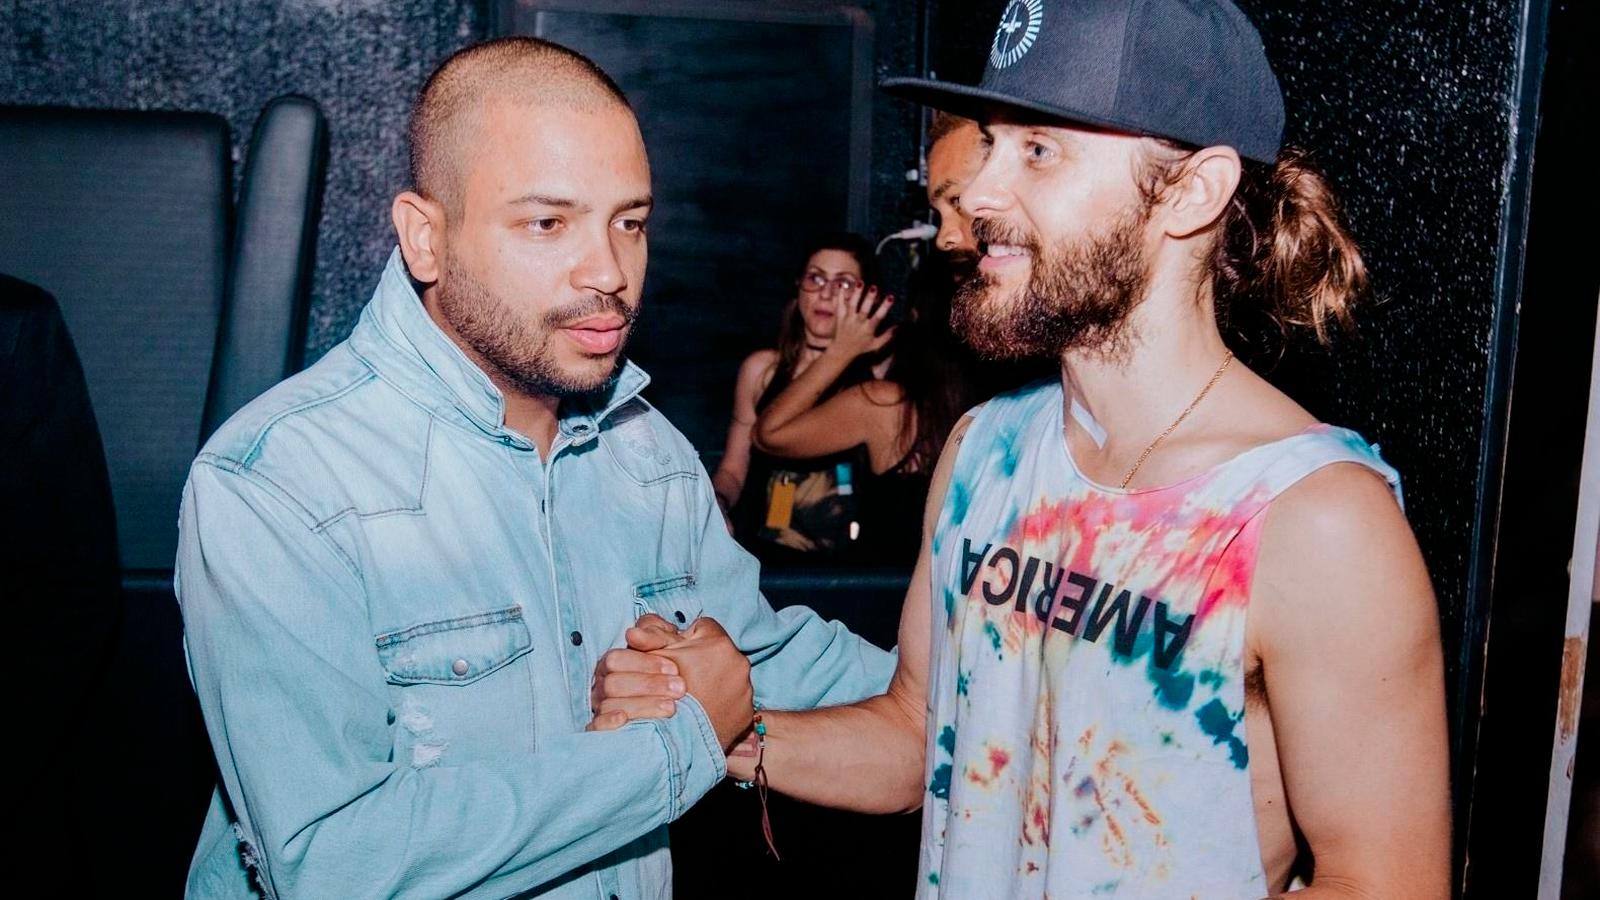 Não é de hoje que Jared Leto e sua trupe parecem chegados no som de Projota: em 2017, o brasileiro participou do show da banda no Rock in Rio.